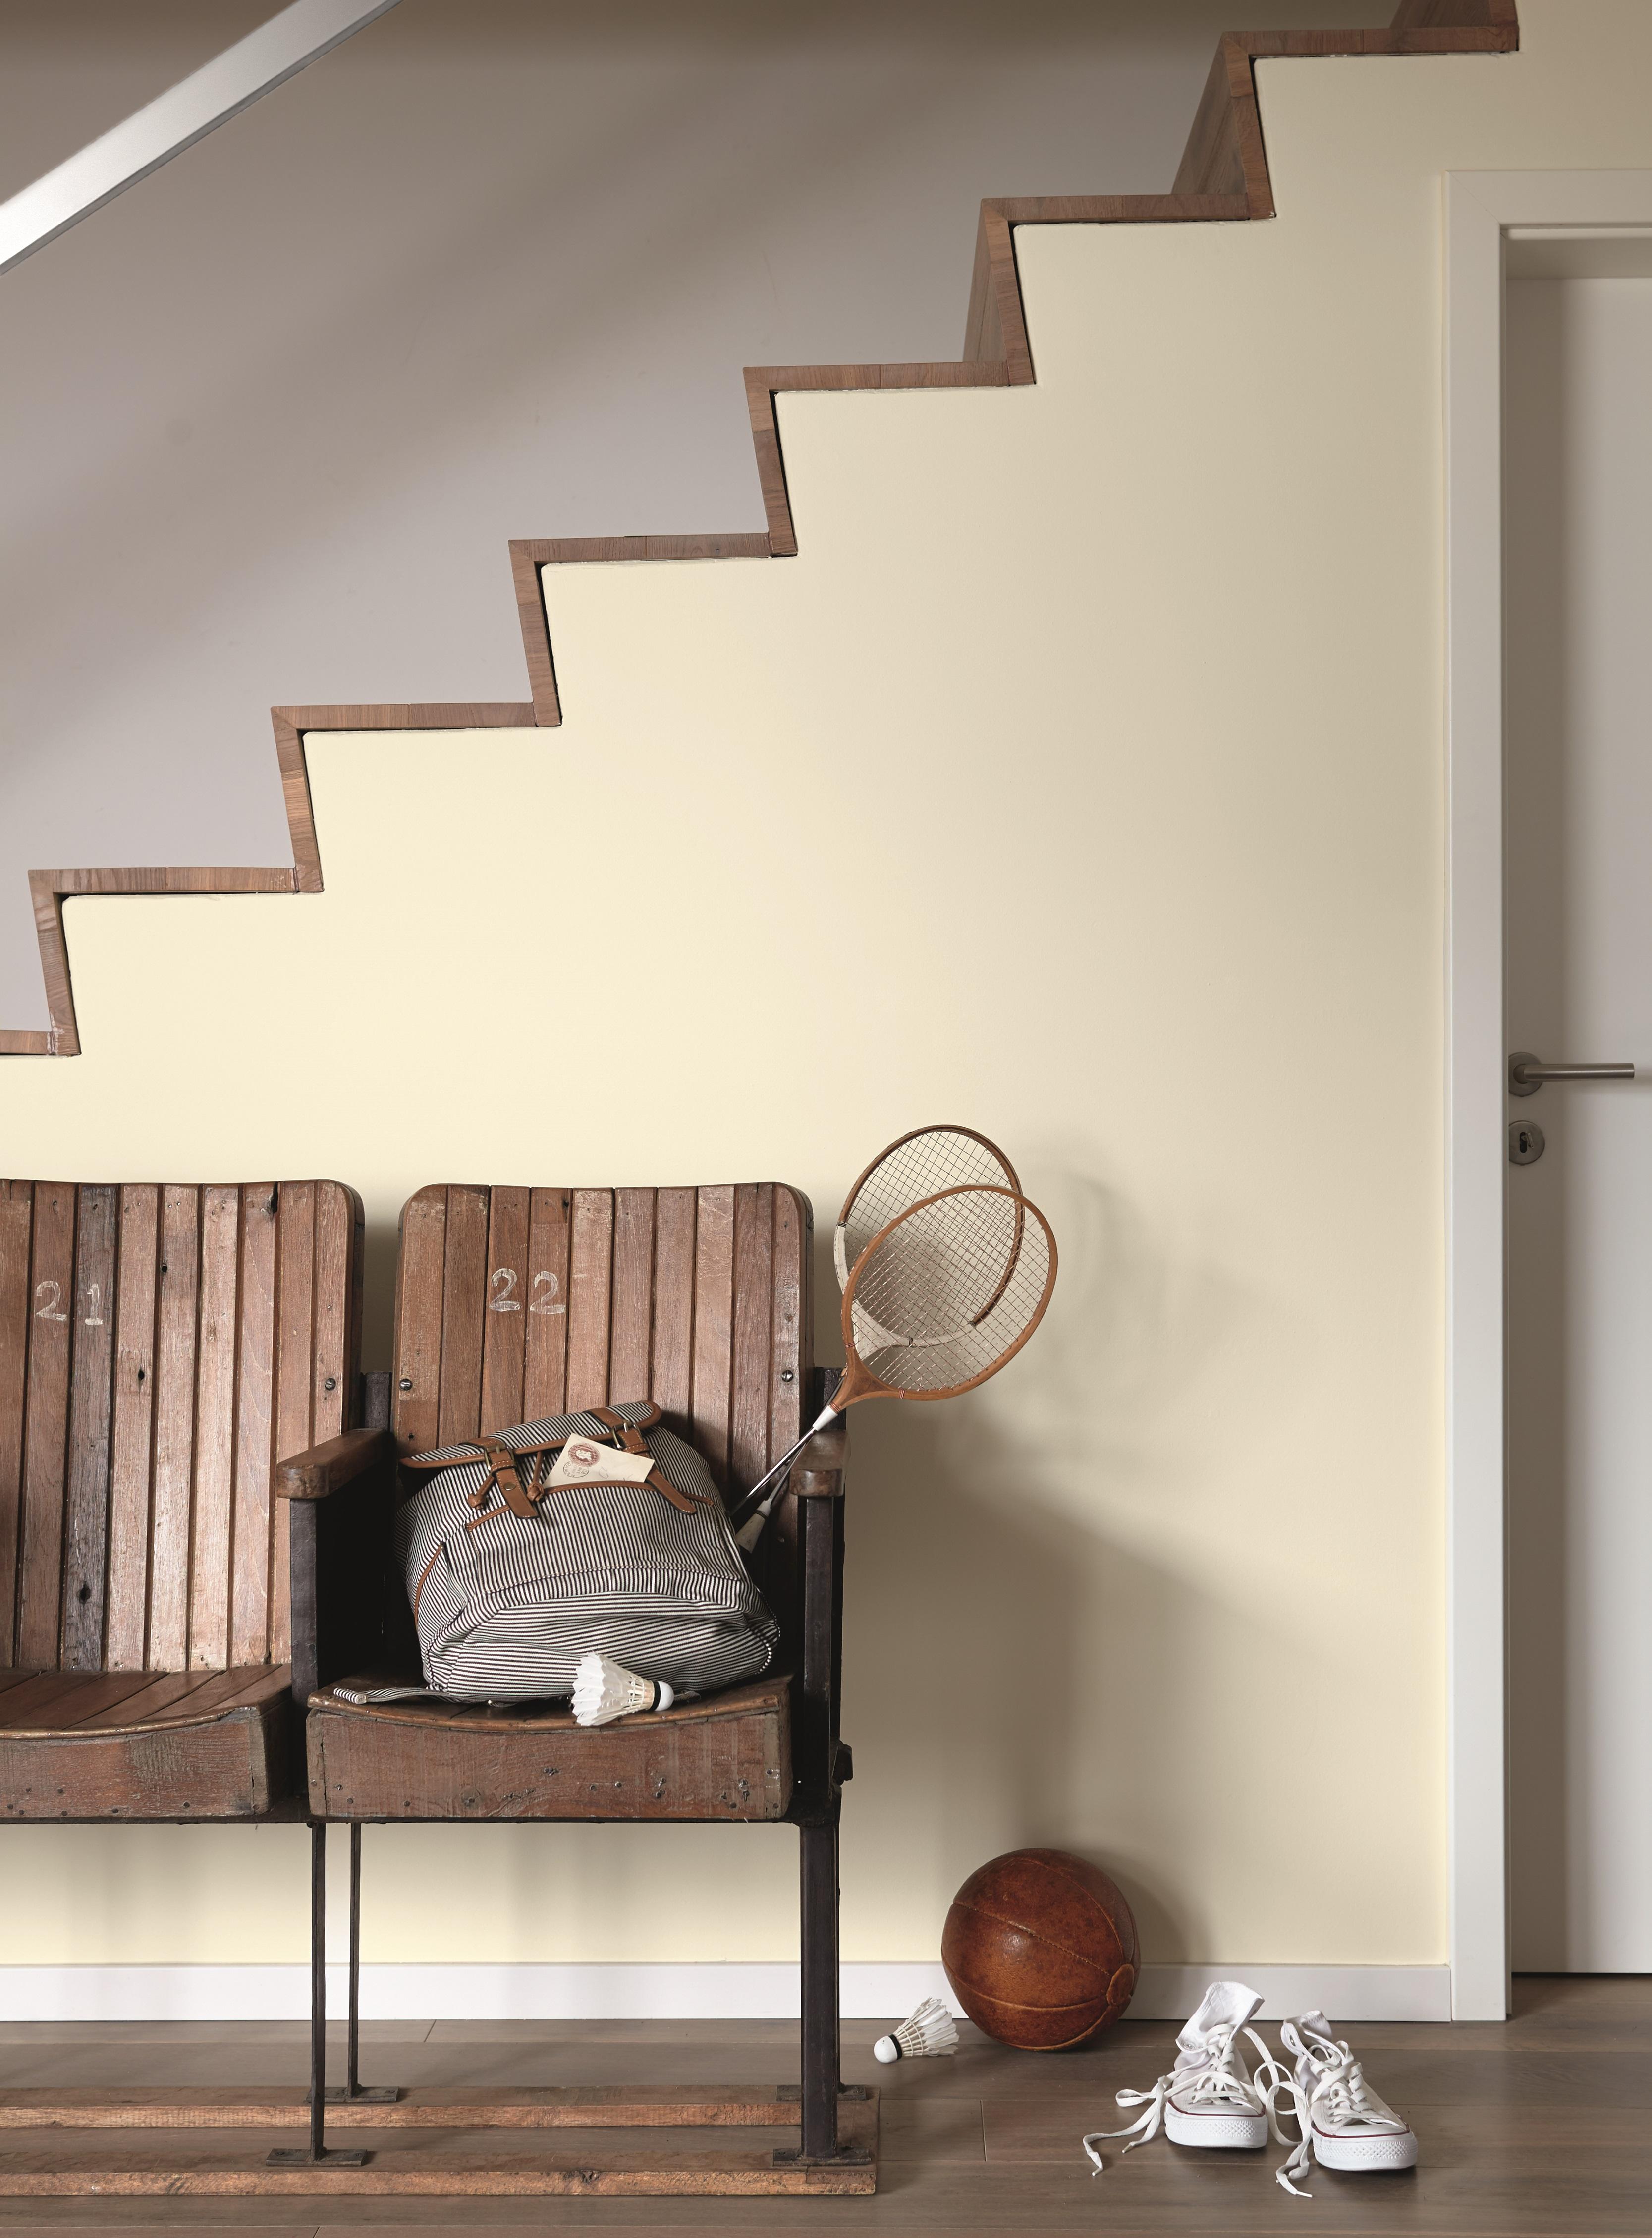 Dunkle Räume mit Wandfarbe aufhellen: Alpina Farbe & Wirkung